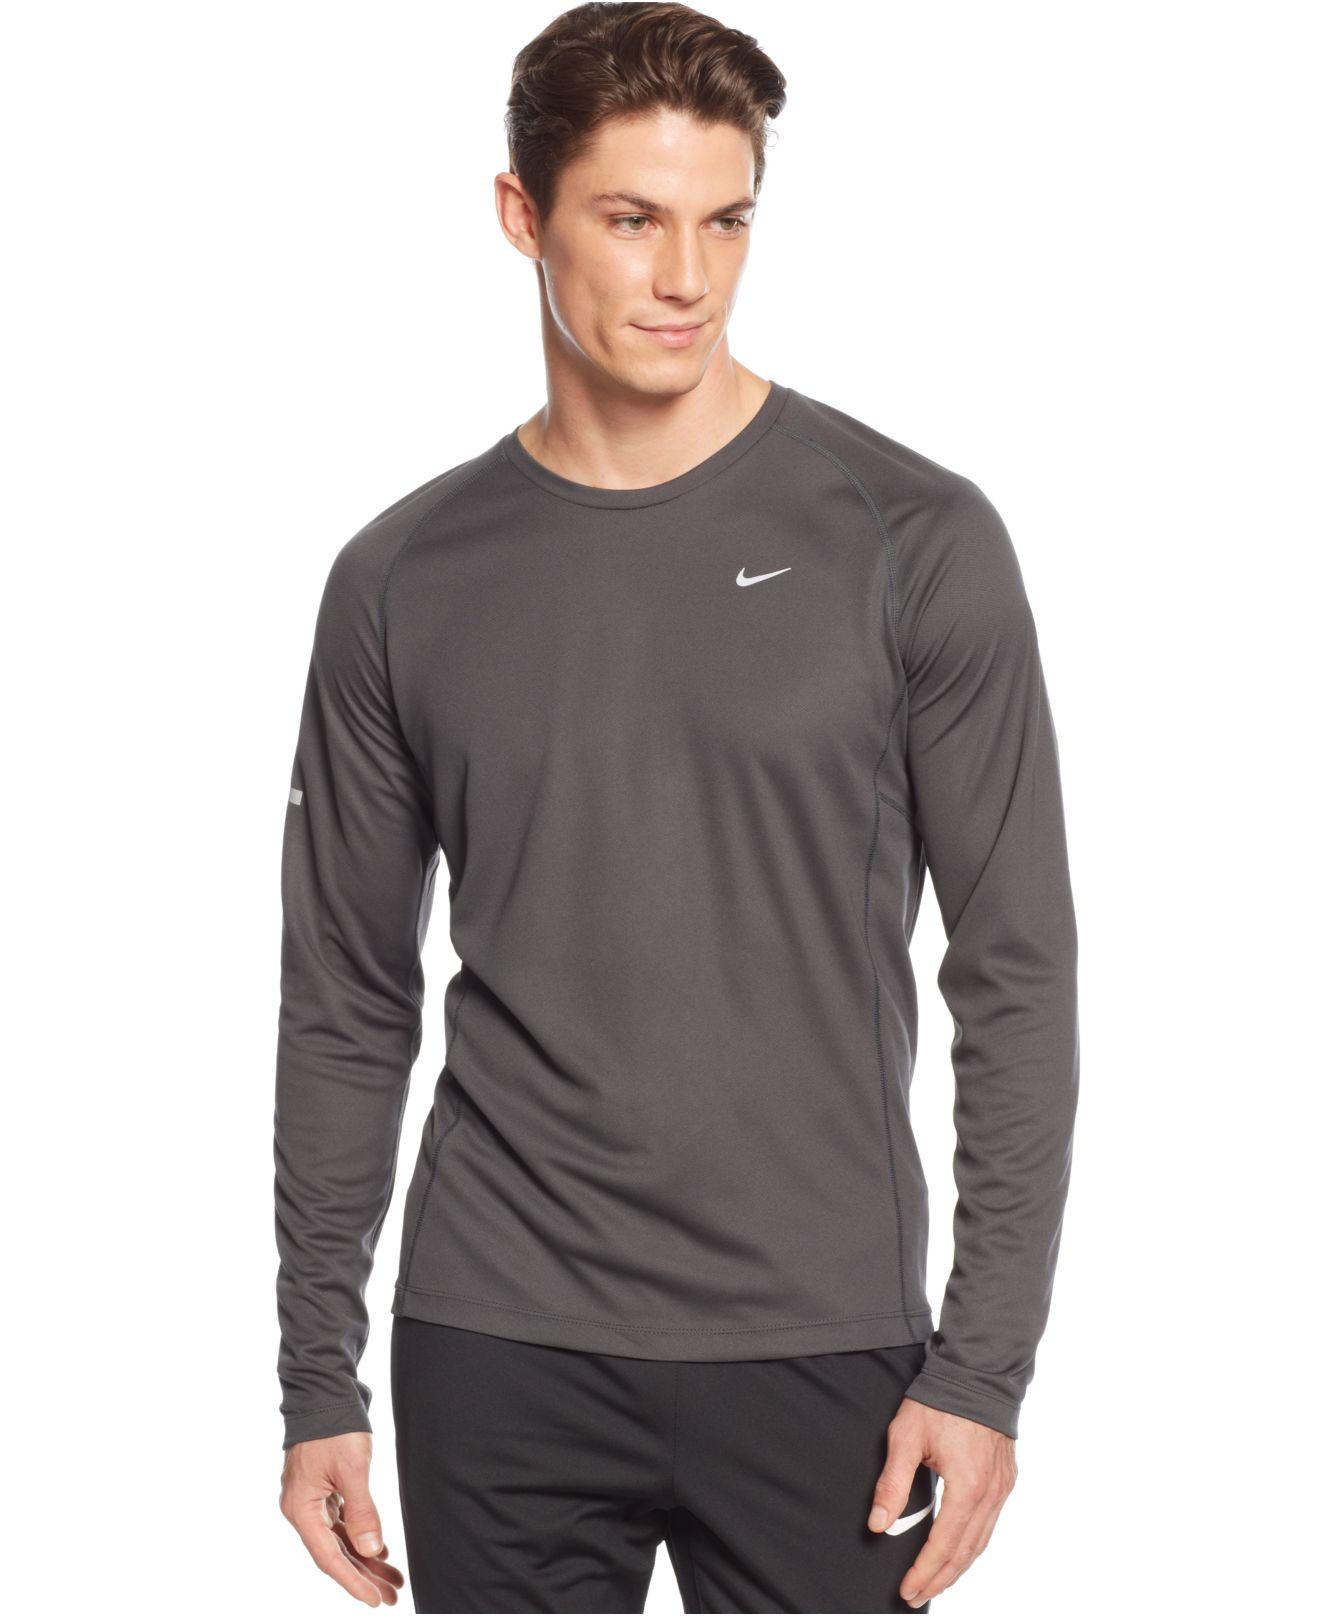 Nike Miler Long Sleeve Performance T Shirt In Gray For Men